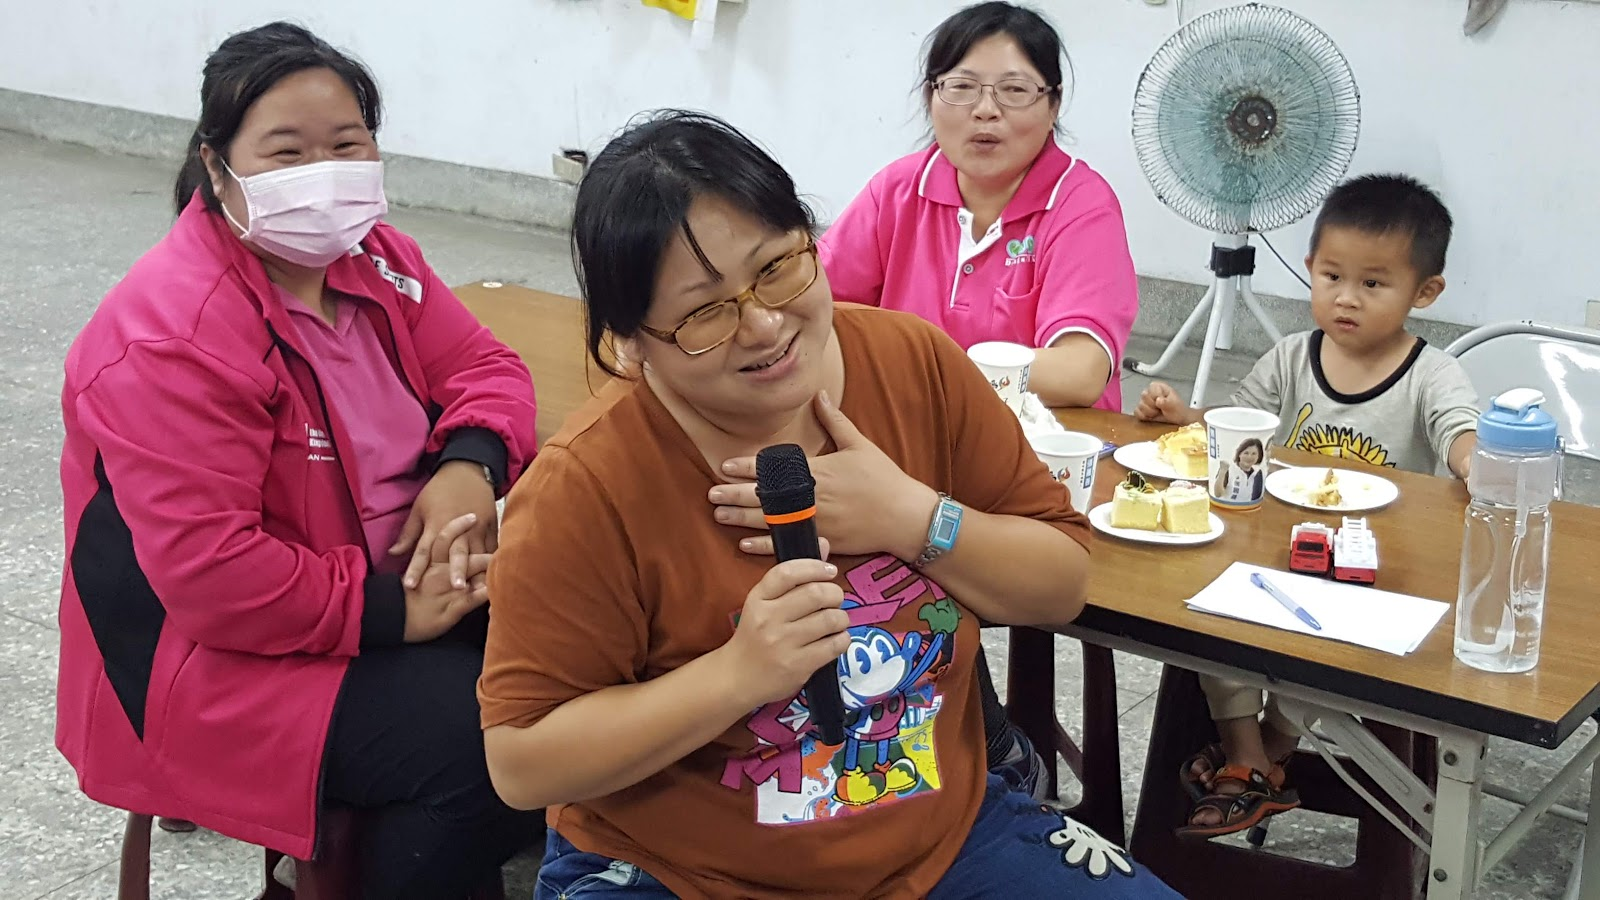 雲林參與式預算首例  居民自治老化危機